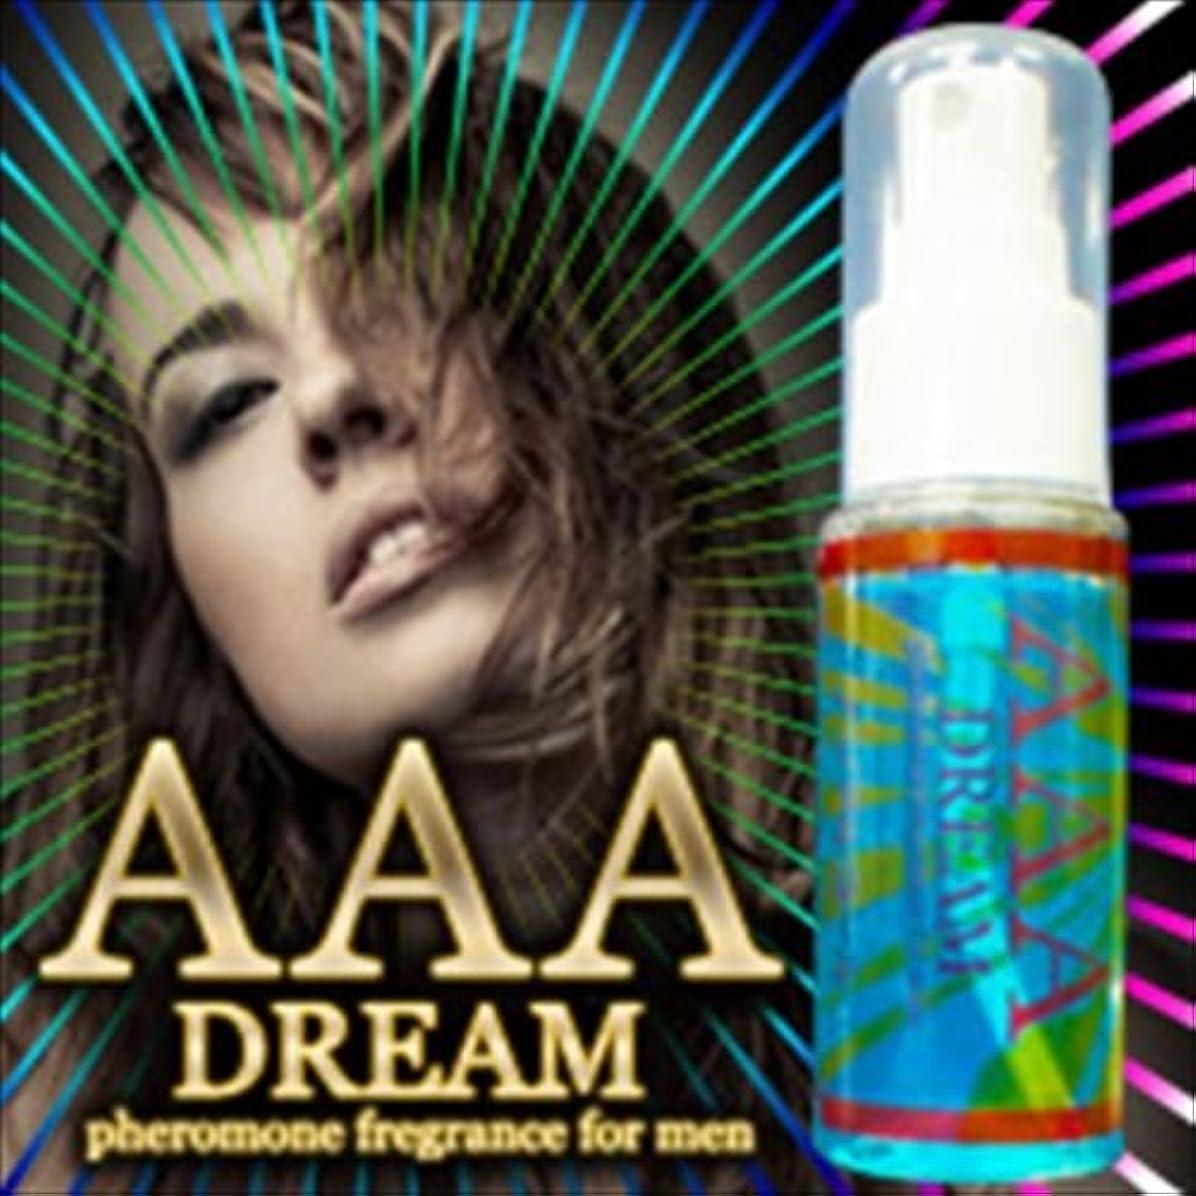 完璧な大人再生AAA(トリプルエー)DREAM 【ノンアルコール】<30ml>